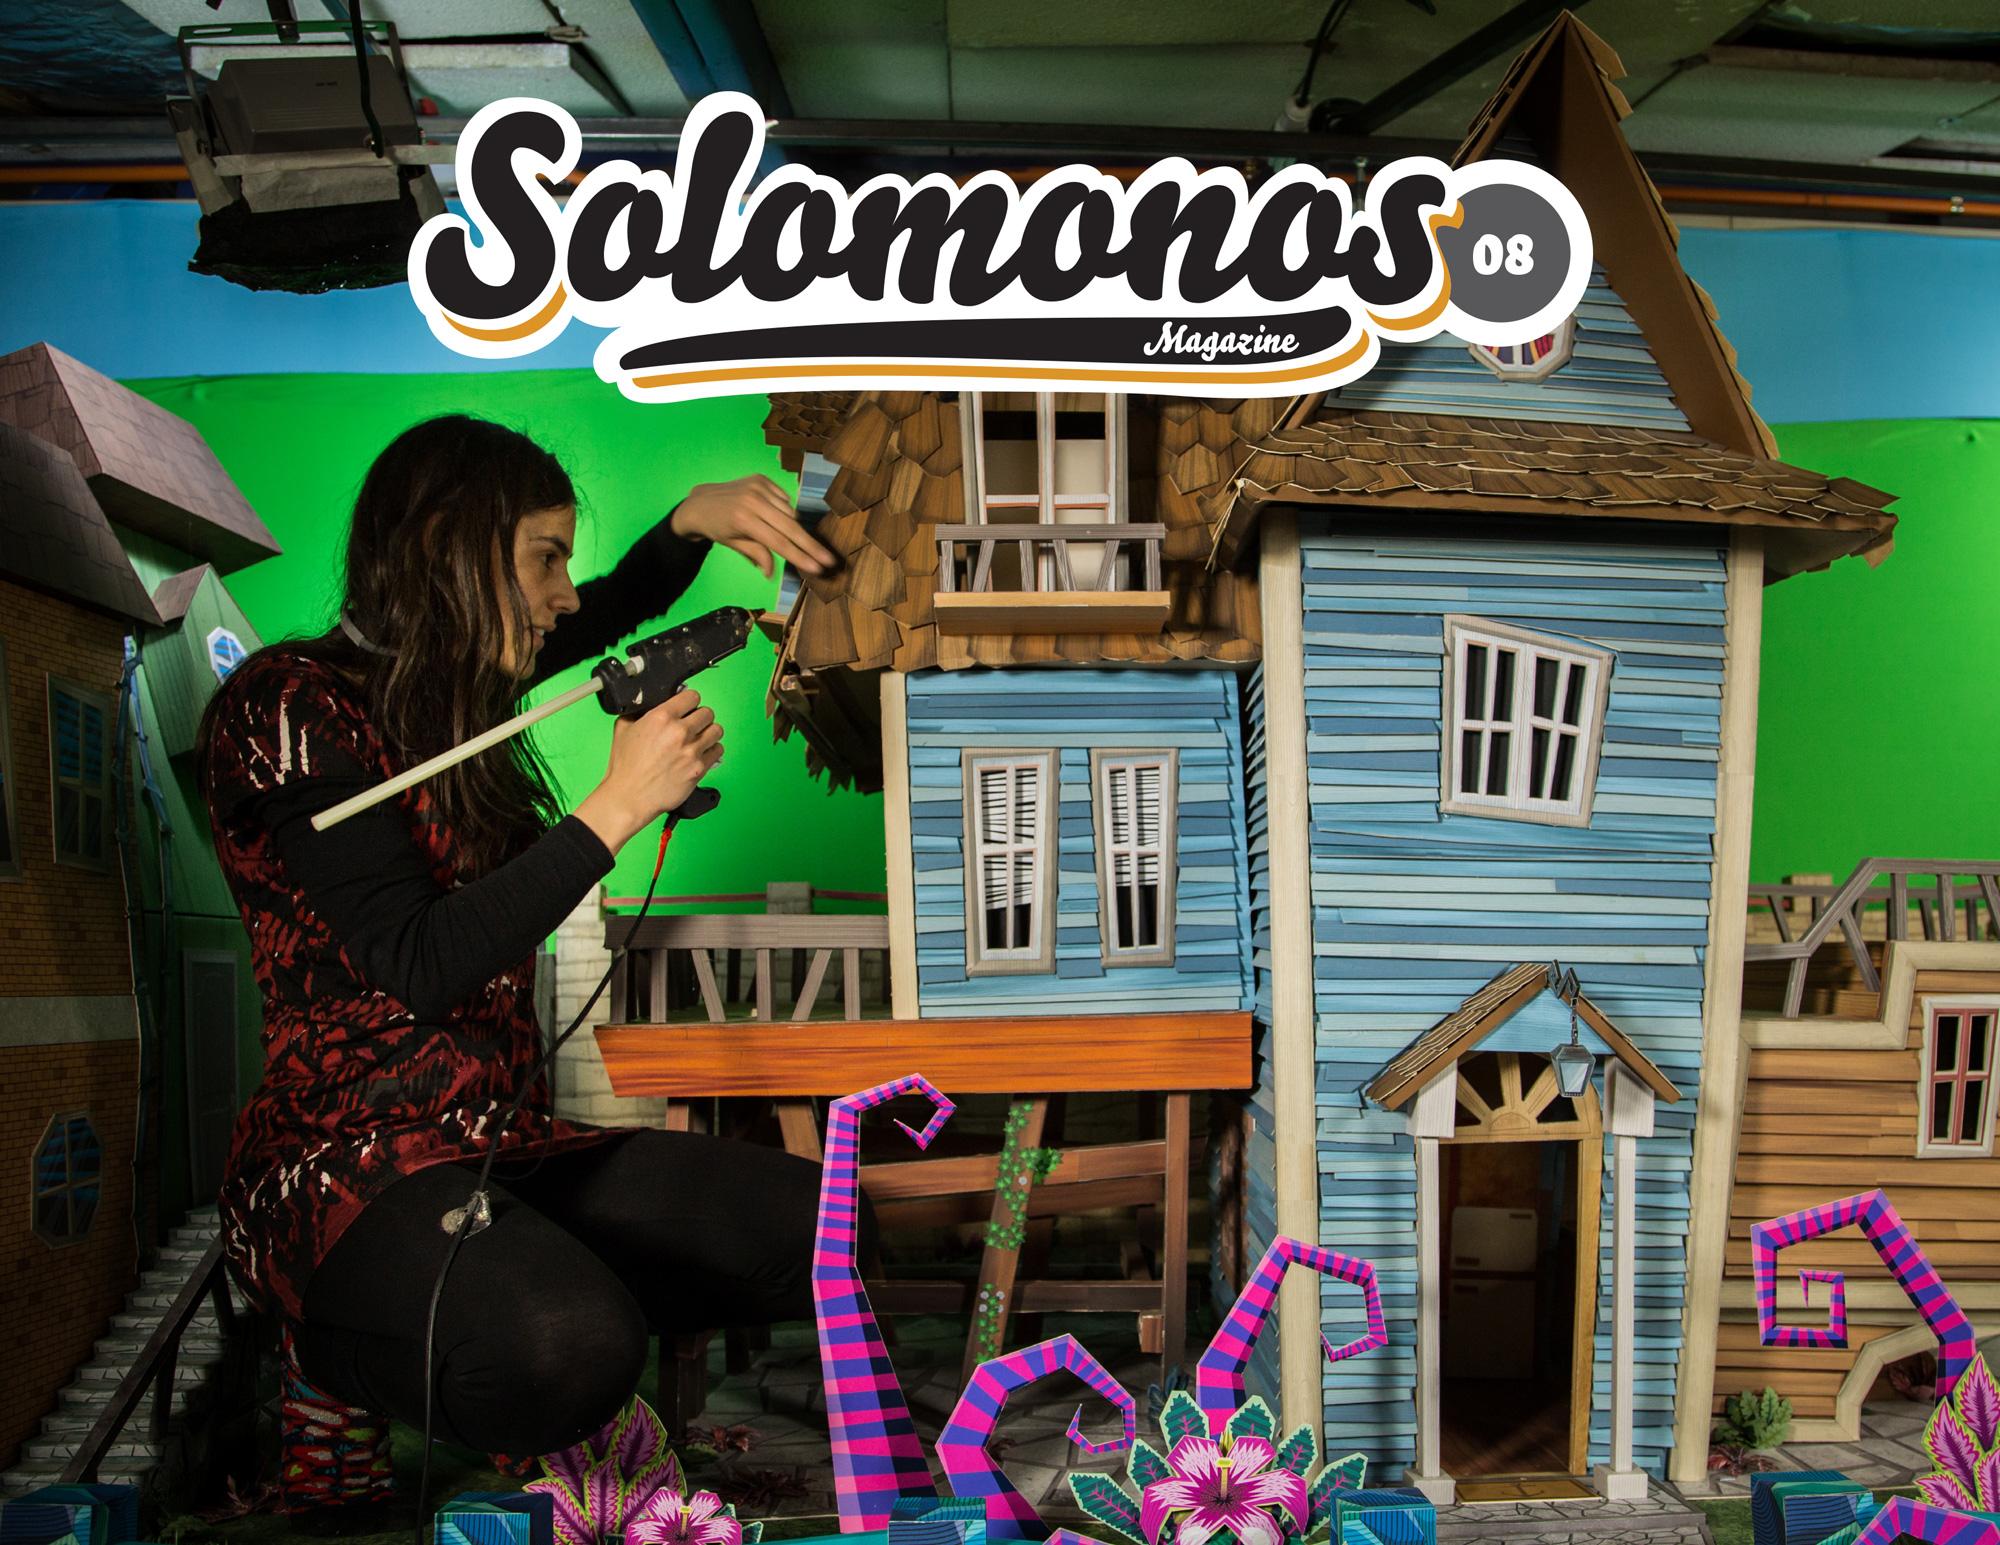 SOLOMONOS MAGAZINE 08